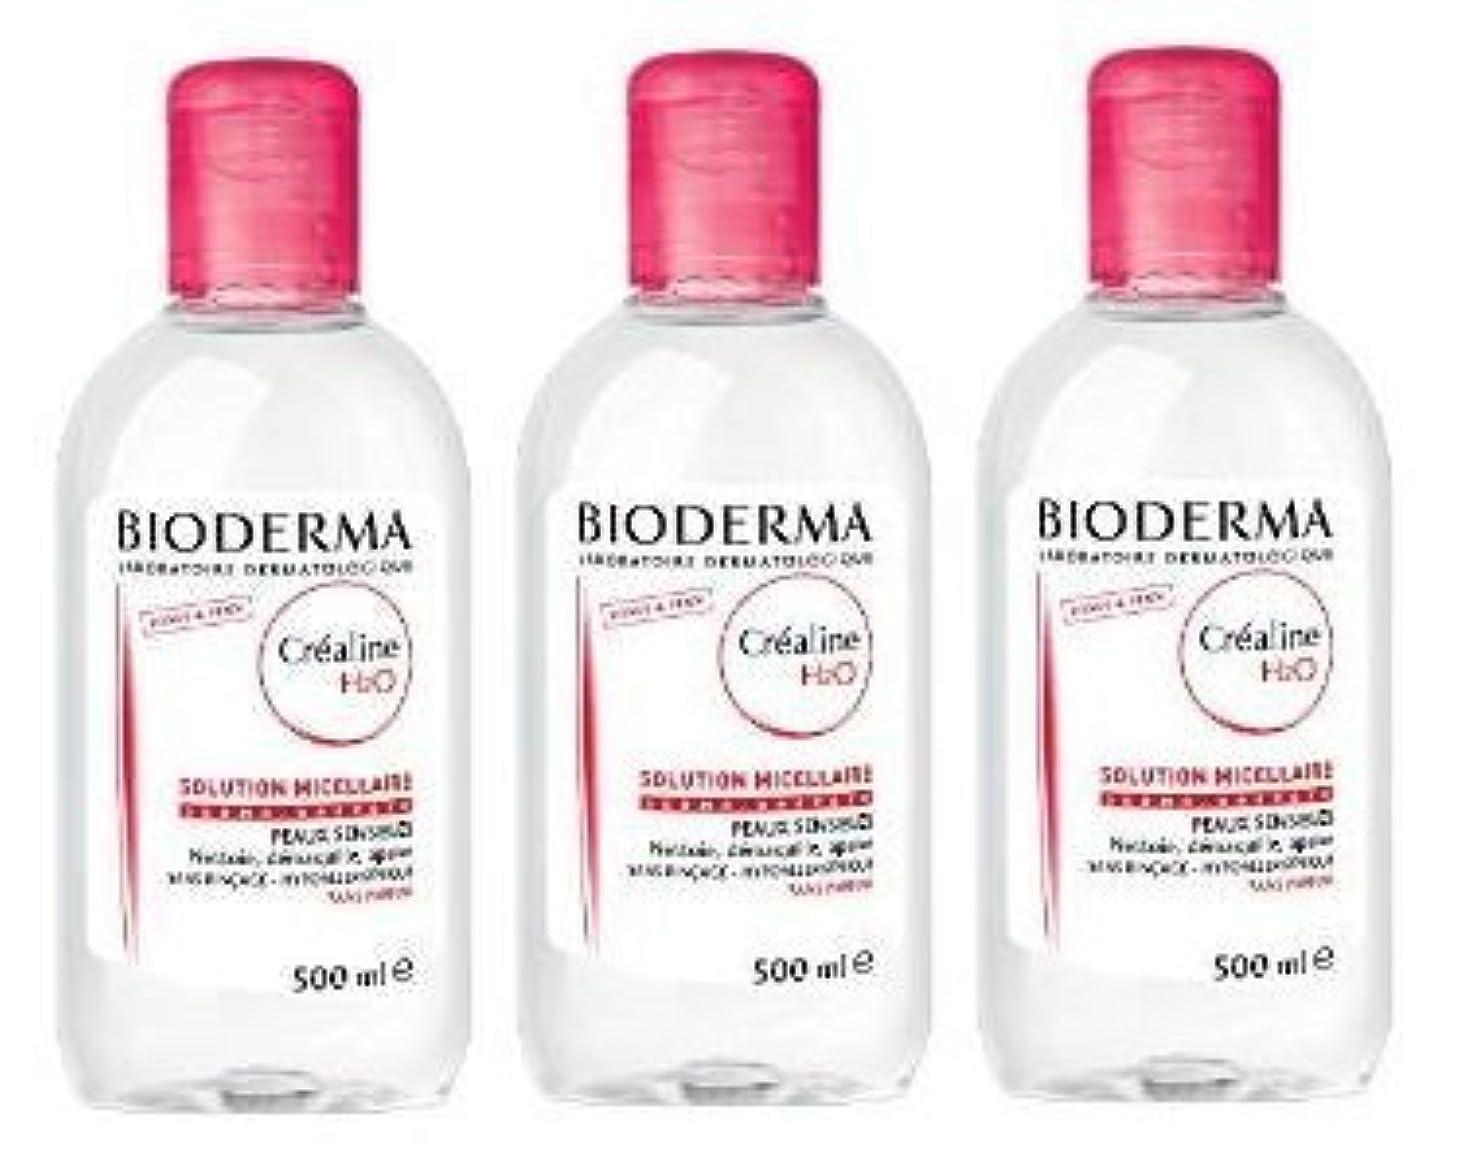 掃除囲む正直ビオデルマ(BIODERMA) サンシビオ H2O D(Crealine H2O)500ml 3本セット[並行輸入品]